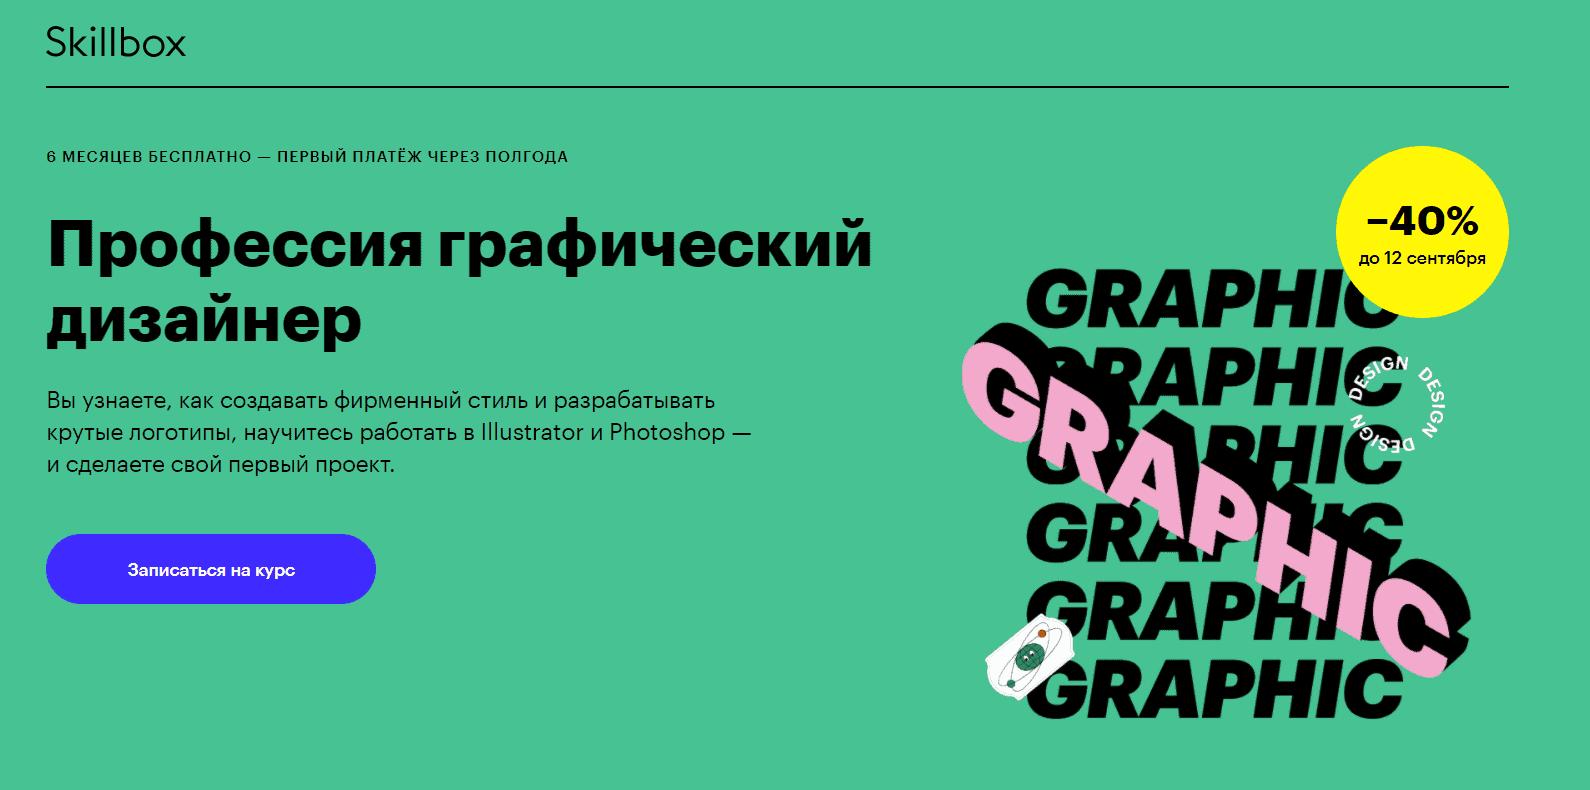 Профессия графический дизайнер от Скиллбокс